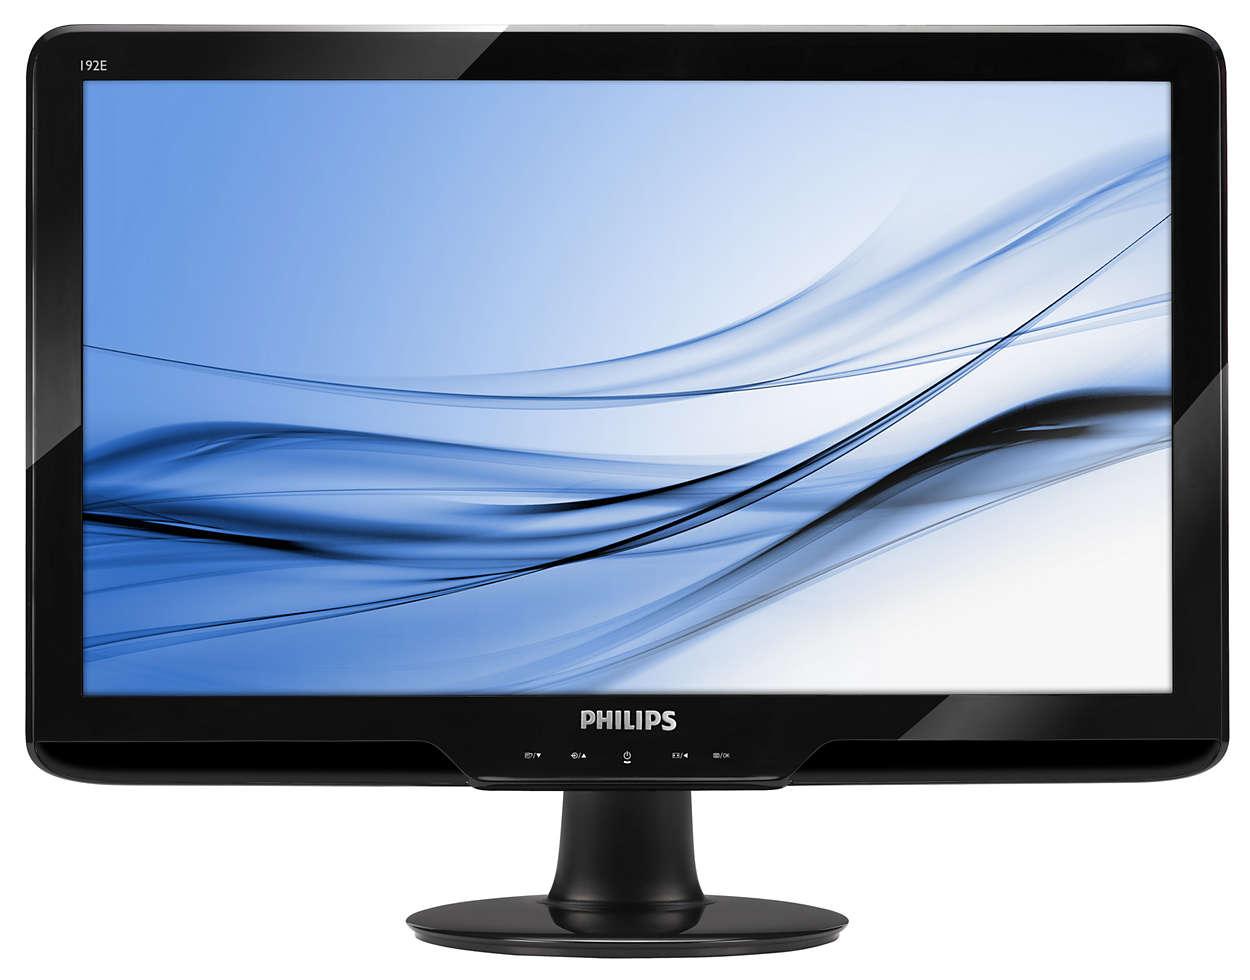 شاشة أنيقة بدقة HD لتمنحك قيمة رائعة